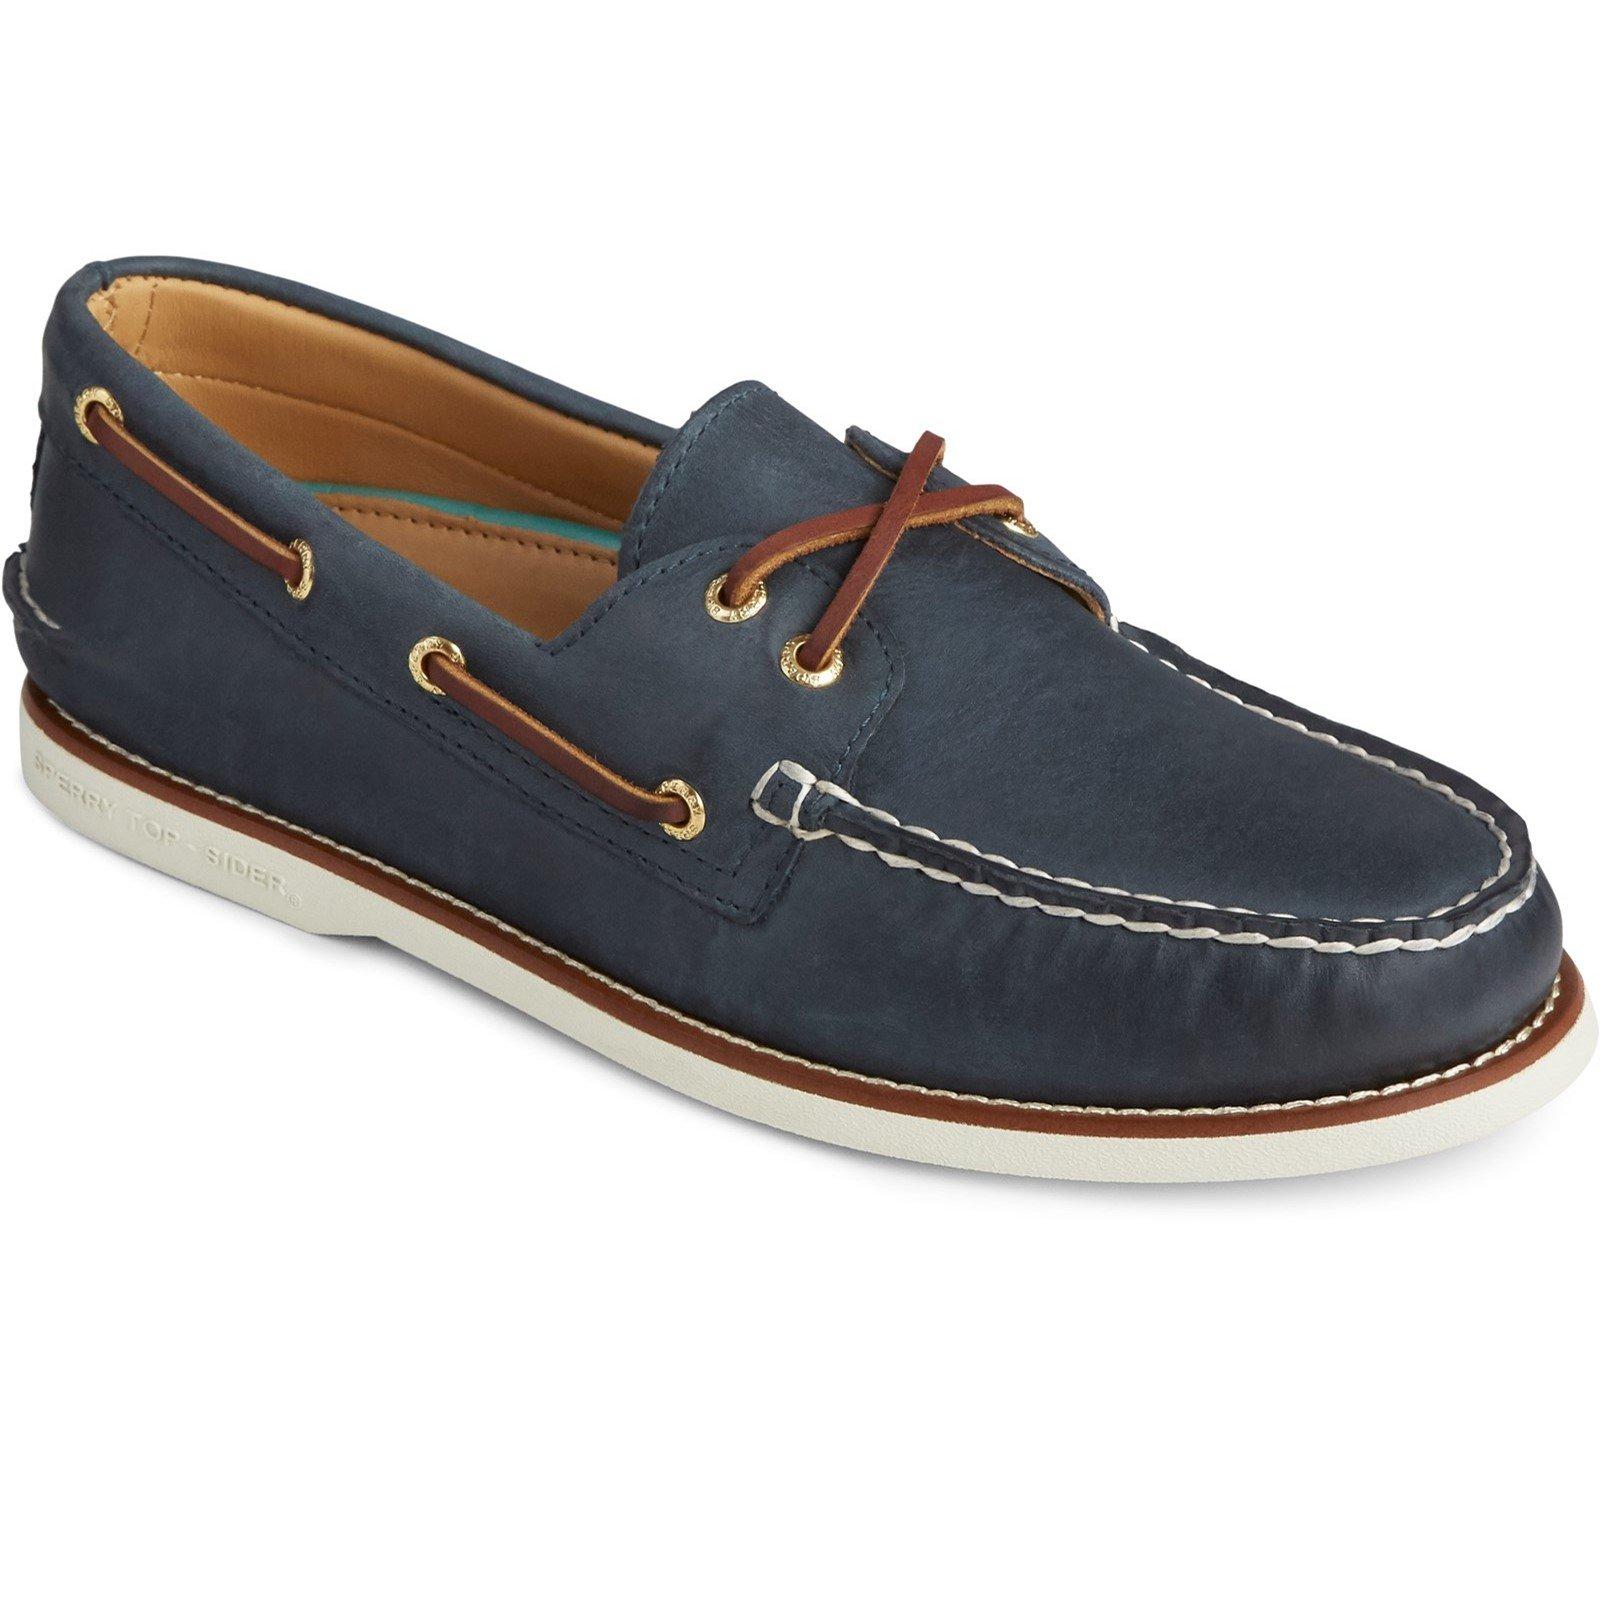 Sperry Men's Cup Authentic Original Boat Shoe Various Colours 31735 - Navy 13